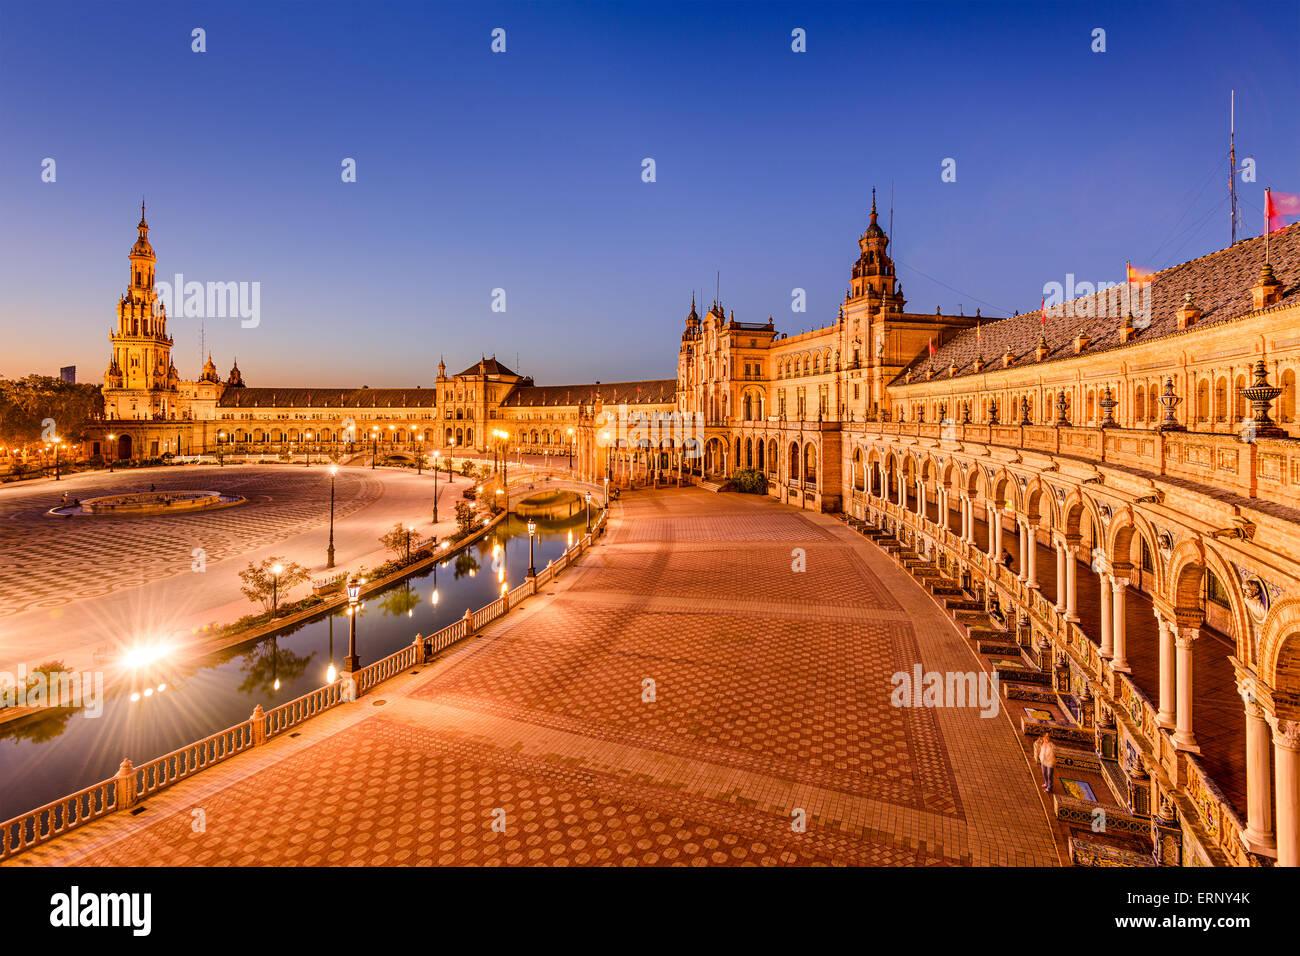 Siviglia, Spagna a Plaza de Espana. Immagini Stock